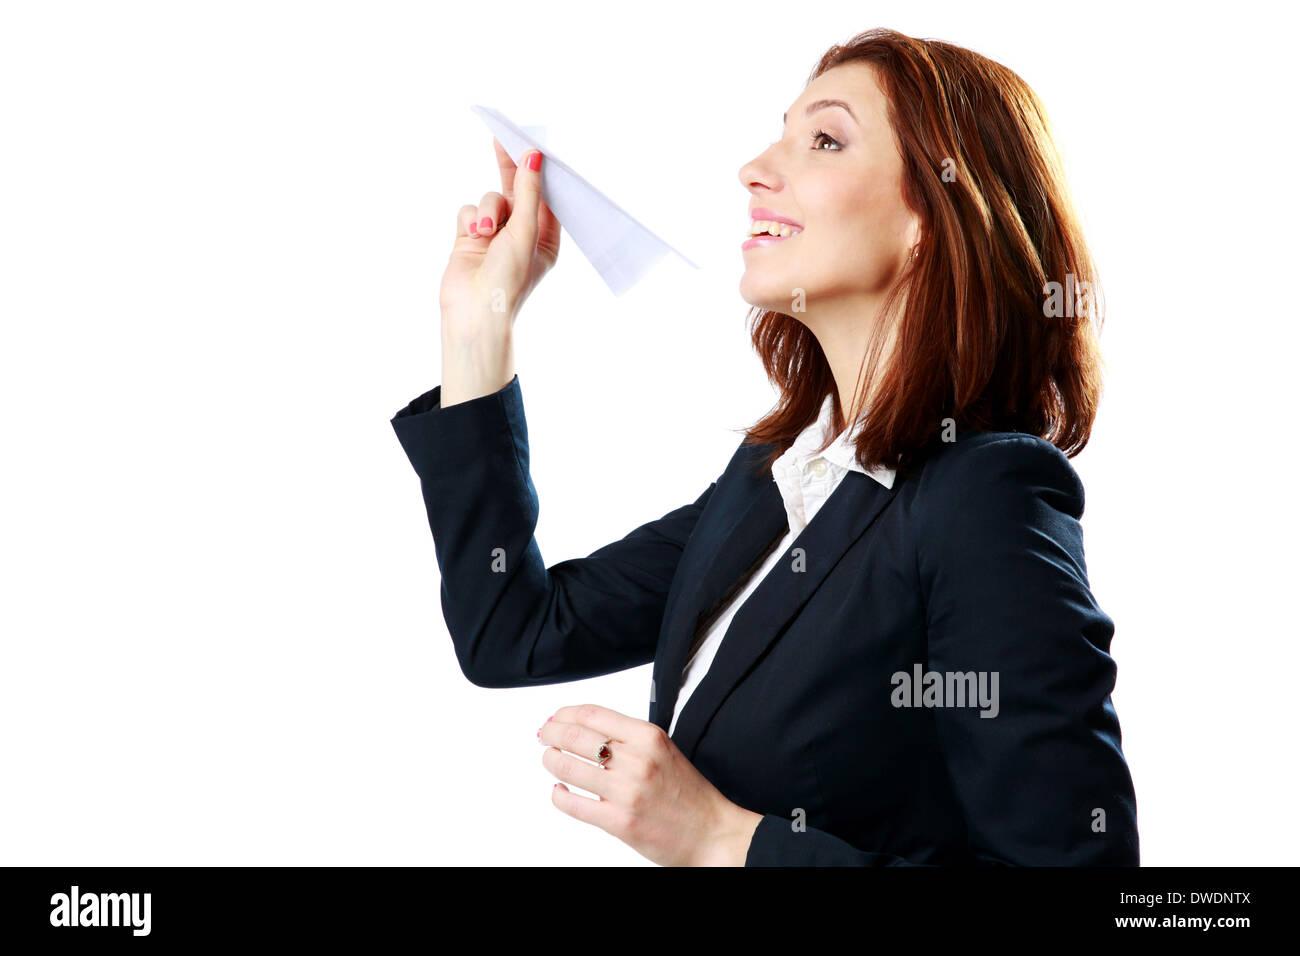 Feliz empresaria lanzando avión de papel aislado sobre un fondo blanco. Imagen De Stock